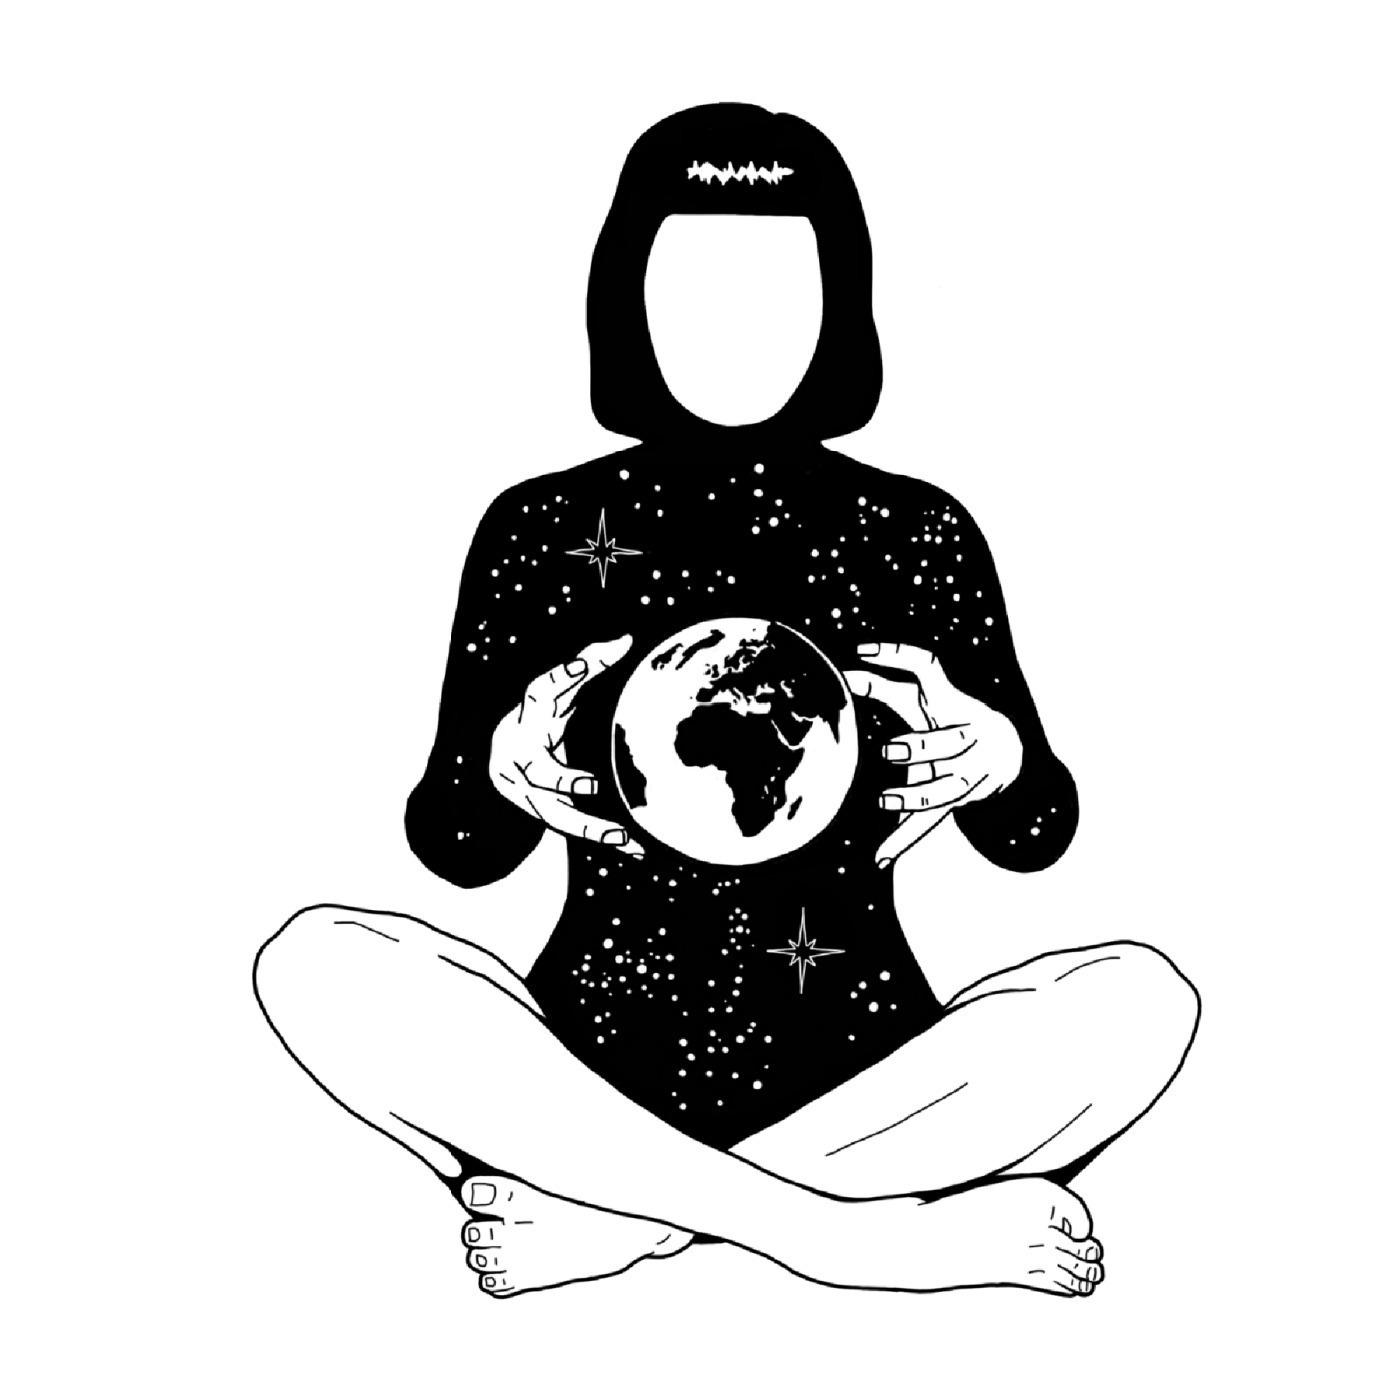 Bree Melanson on the Eternal Heart, Reverence, + Becoming the Observer